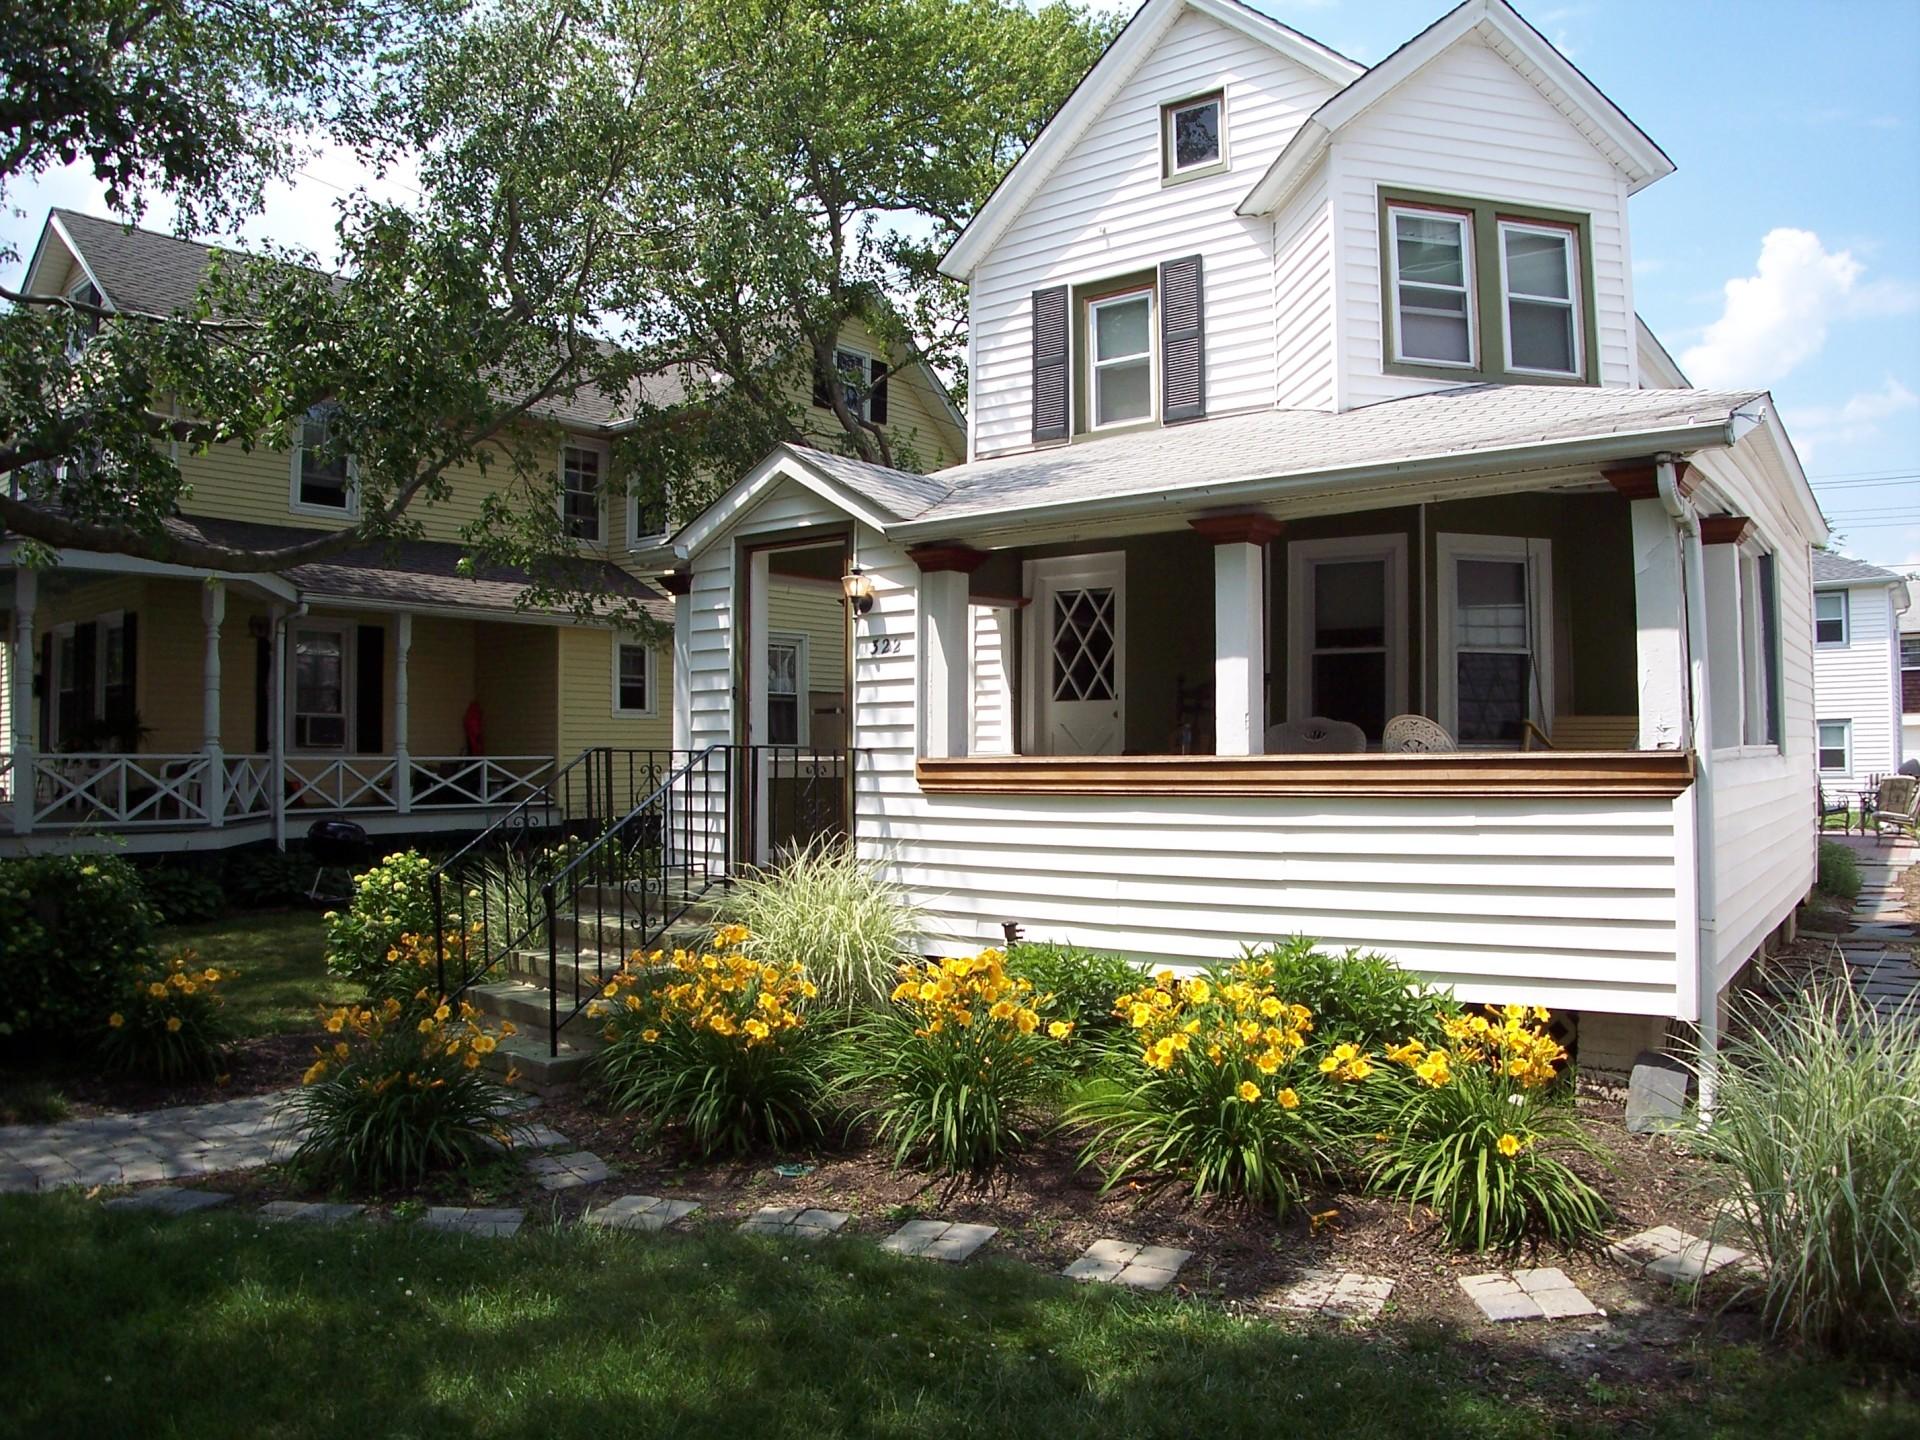 House at 322